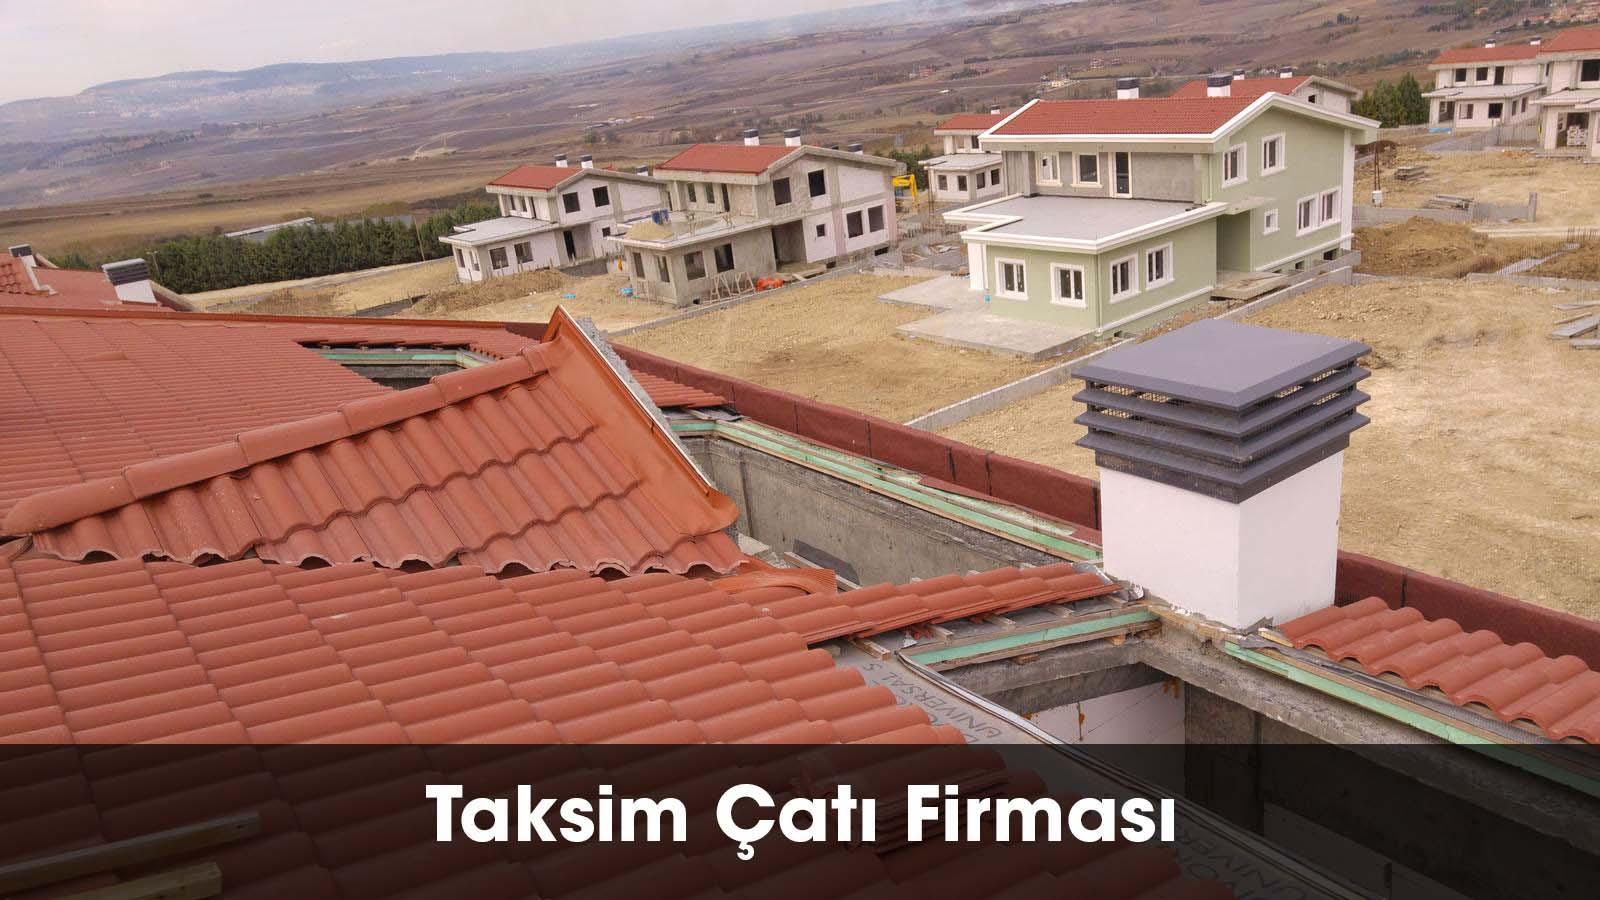 Taksim çatı firması